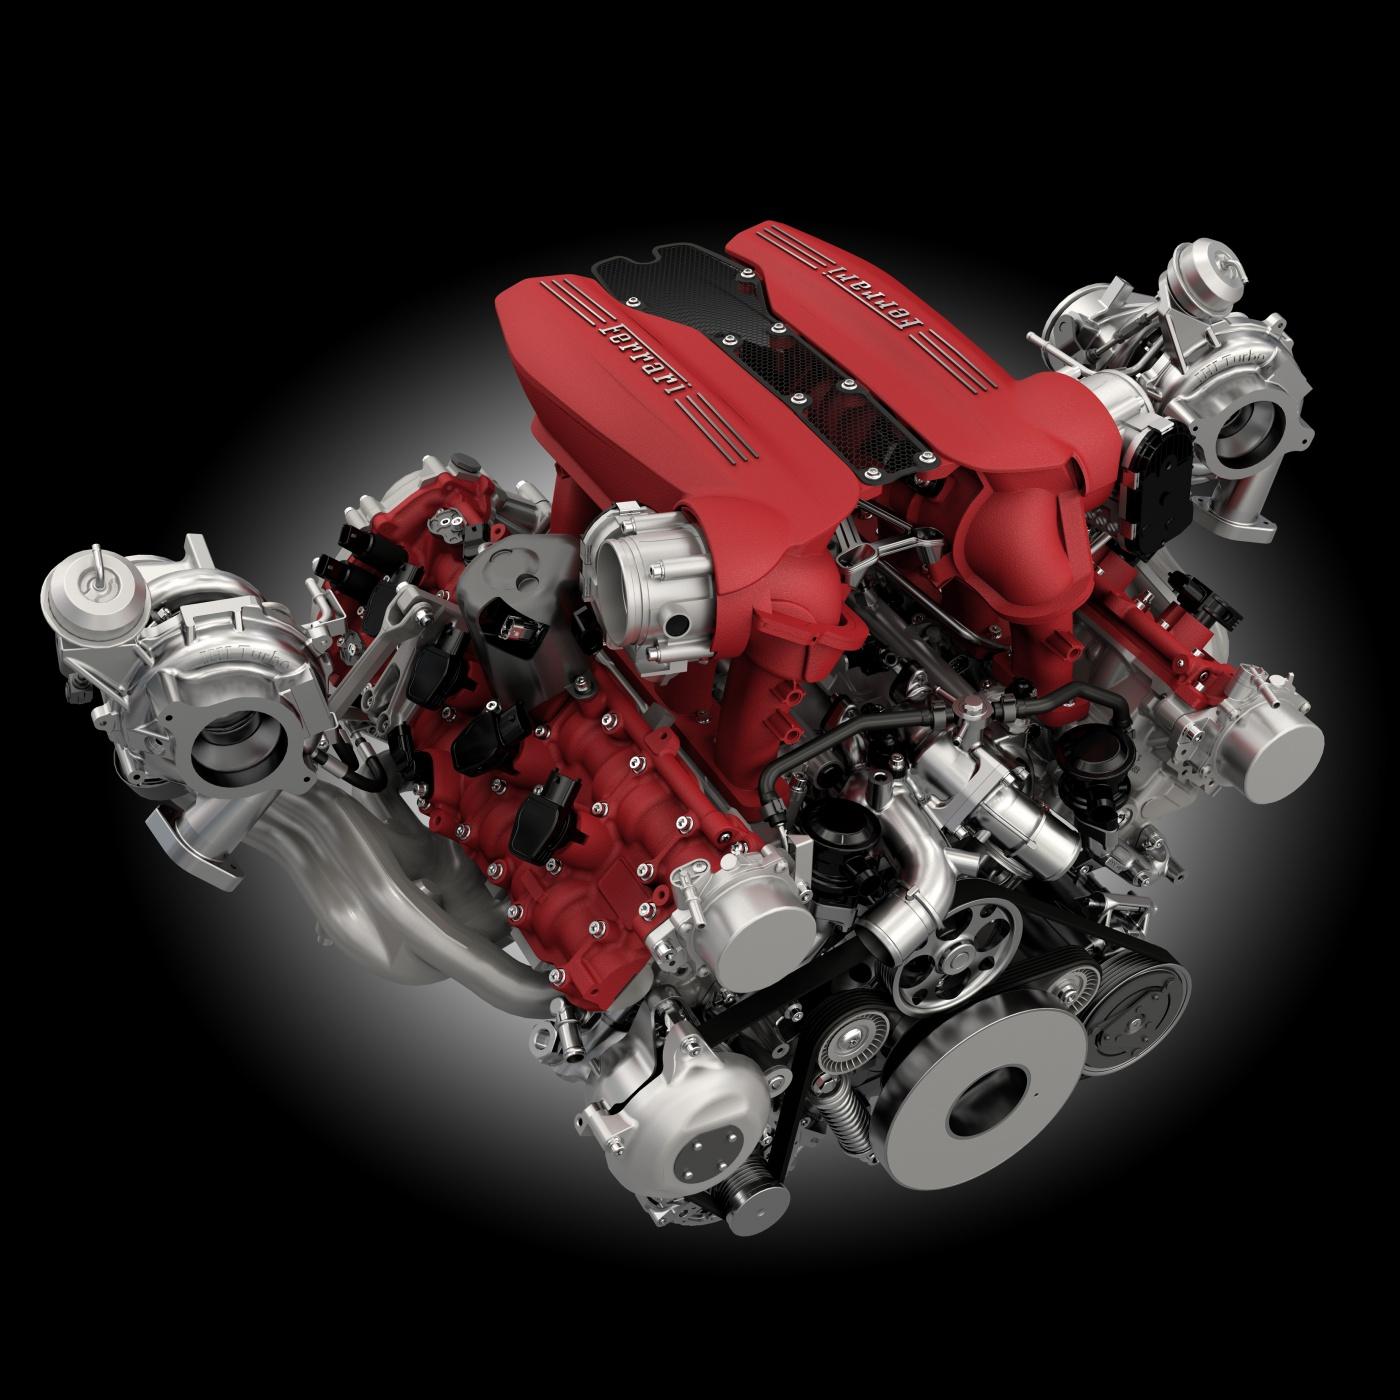 le moteur de l 39 ann e 2016 est le v8 turbo ferrari blog automobile. Black Bedroom Furniture Sets. Home Design Ideas